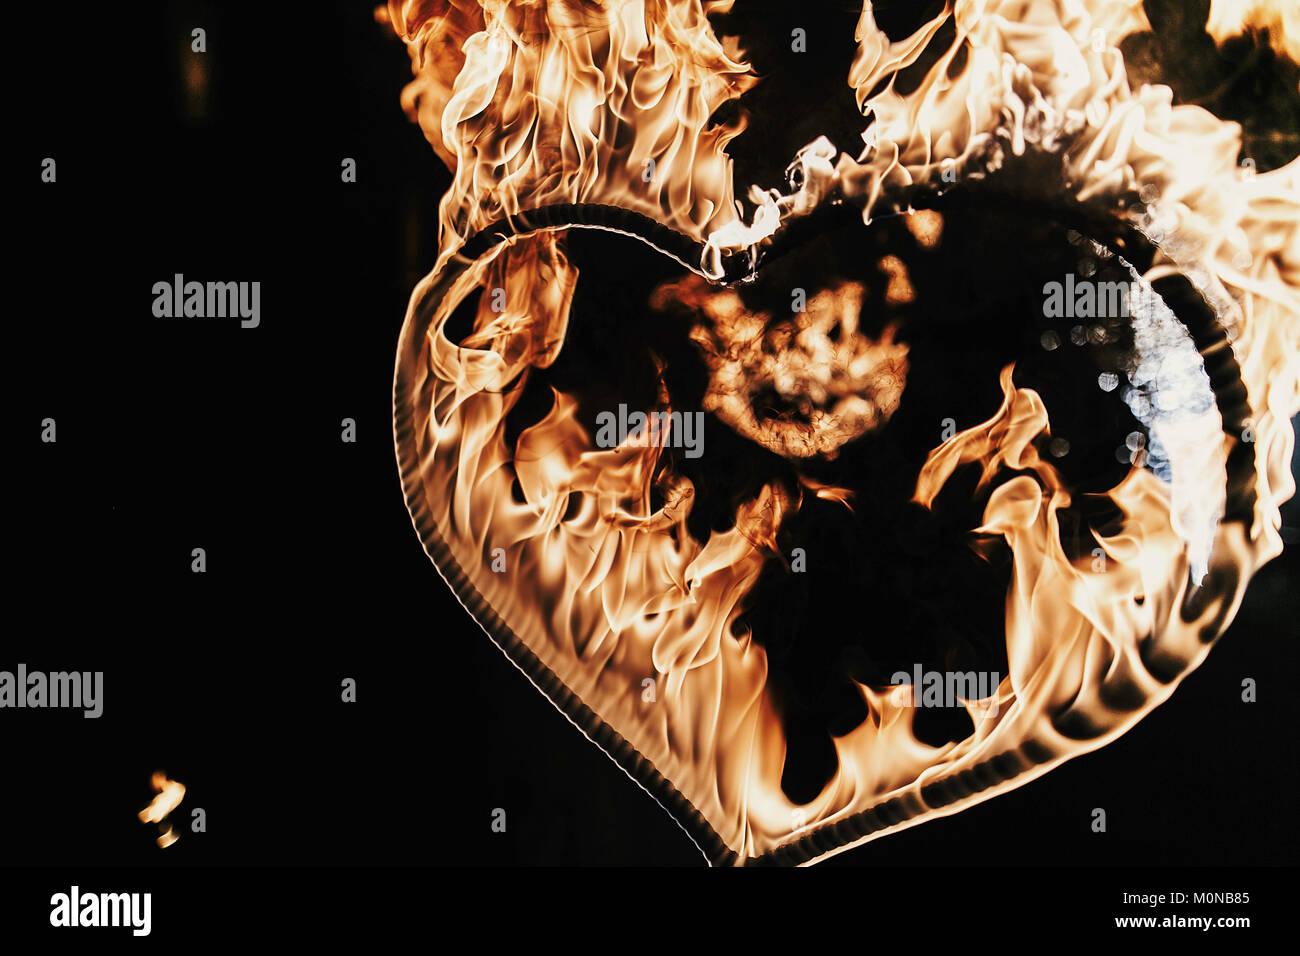 Feliz día de San Valentín card.fuegos artificiales en forma de corazón sobre fondo negro, espectáculo de fuego en la noche. bengala corazón ardiente fuego. Espacio para el texto. Boda o valen Foto de stock